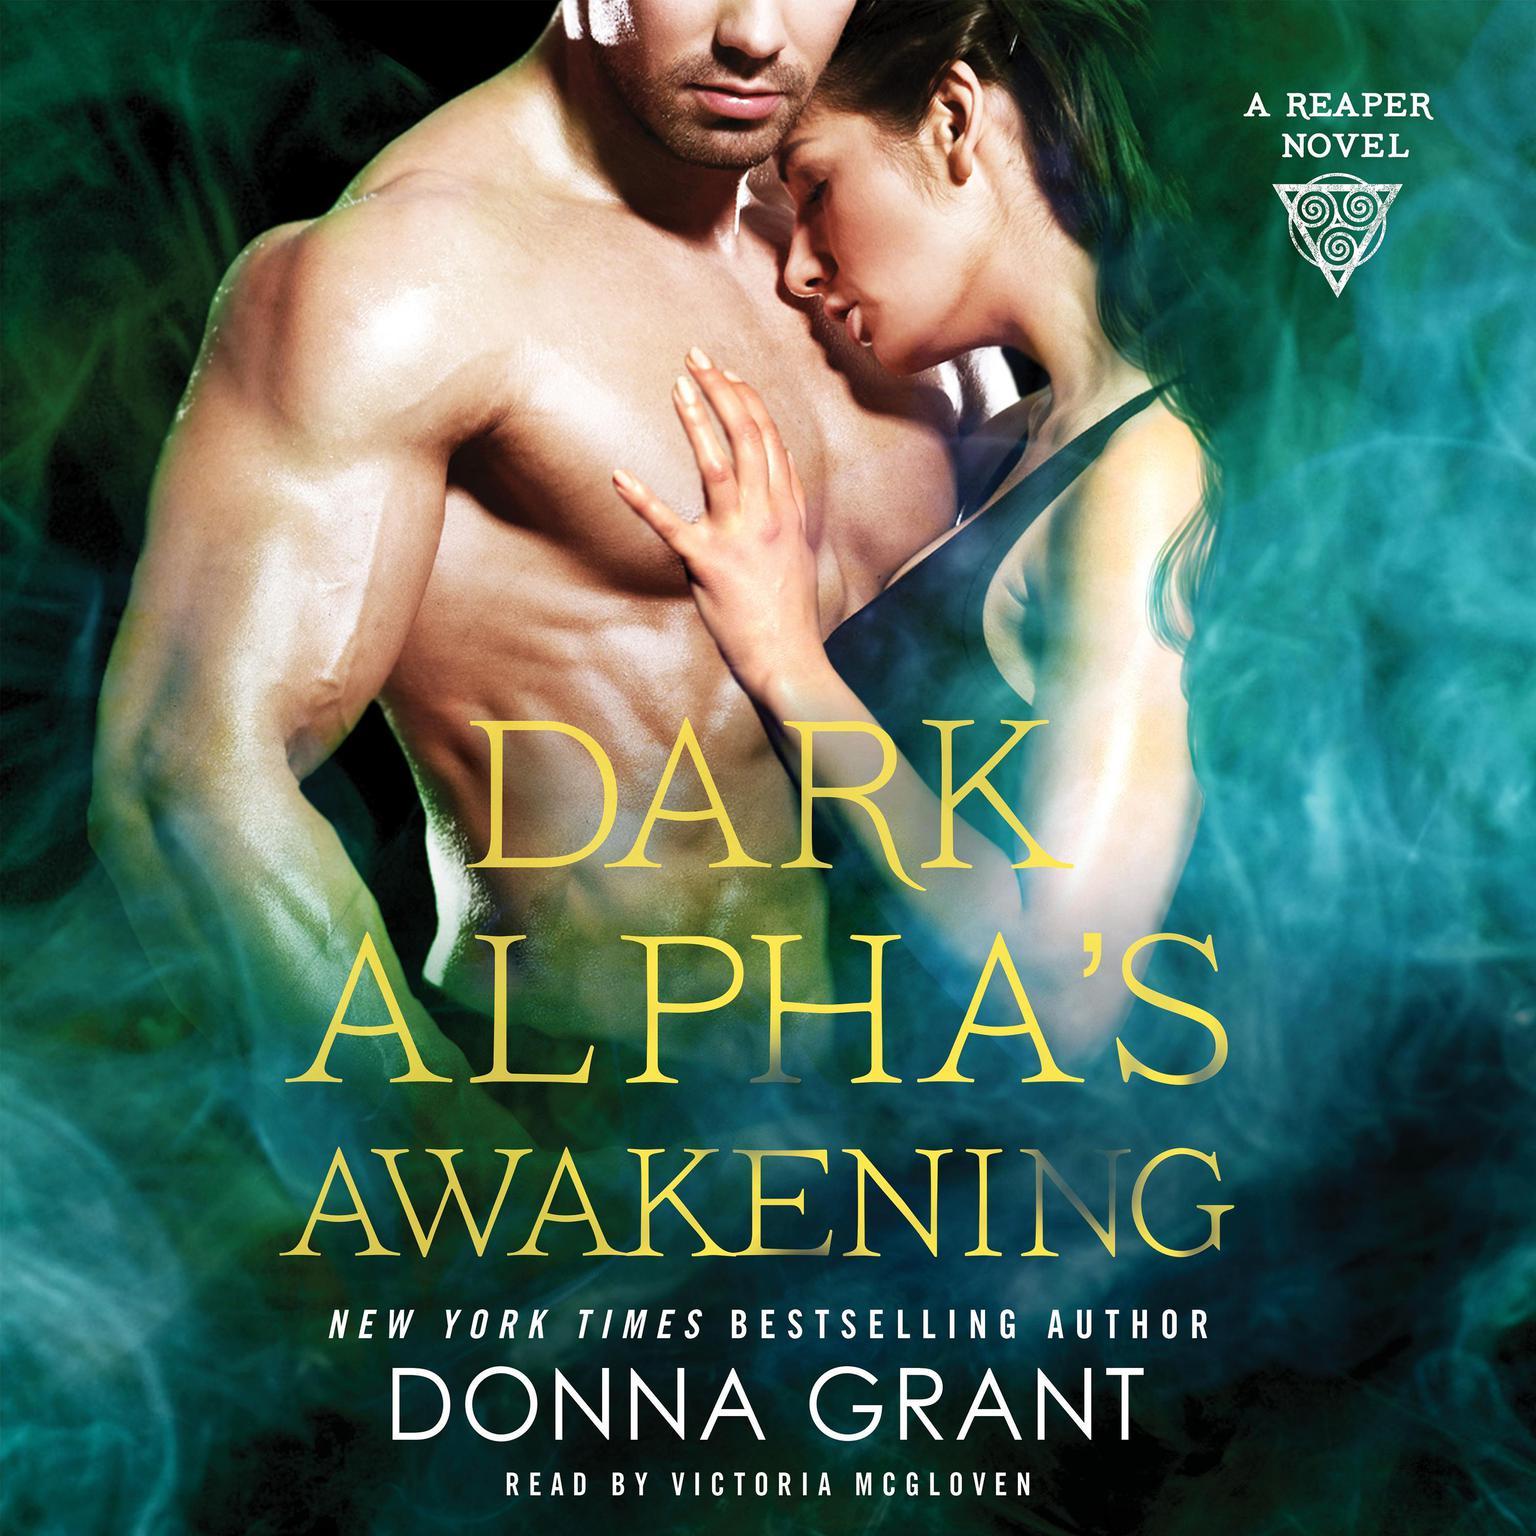 Printable Dark Alpha's Awakening: A Reaper Novel Audiobook Cover Art